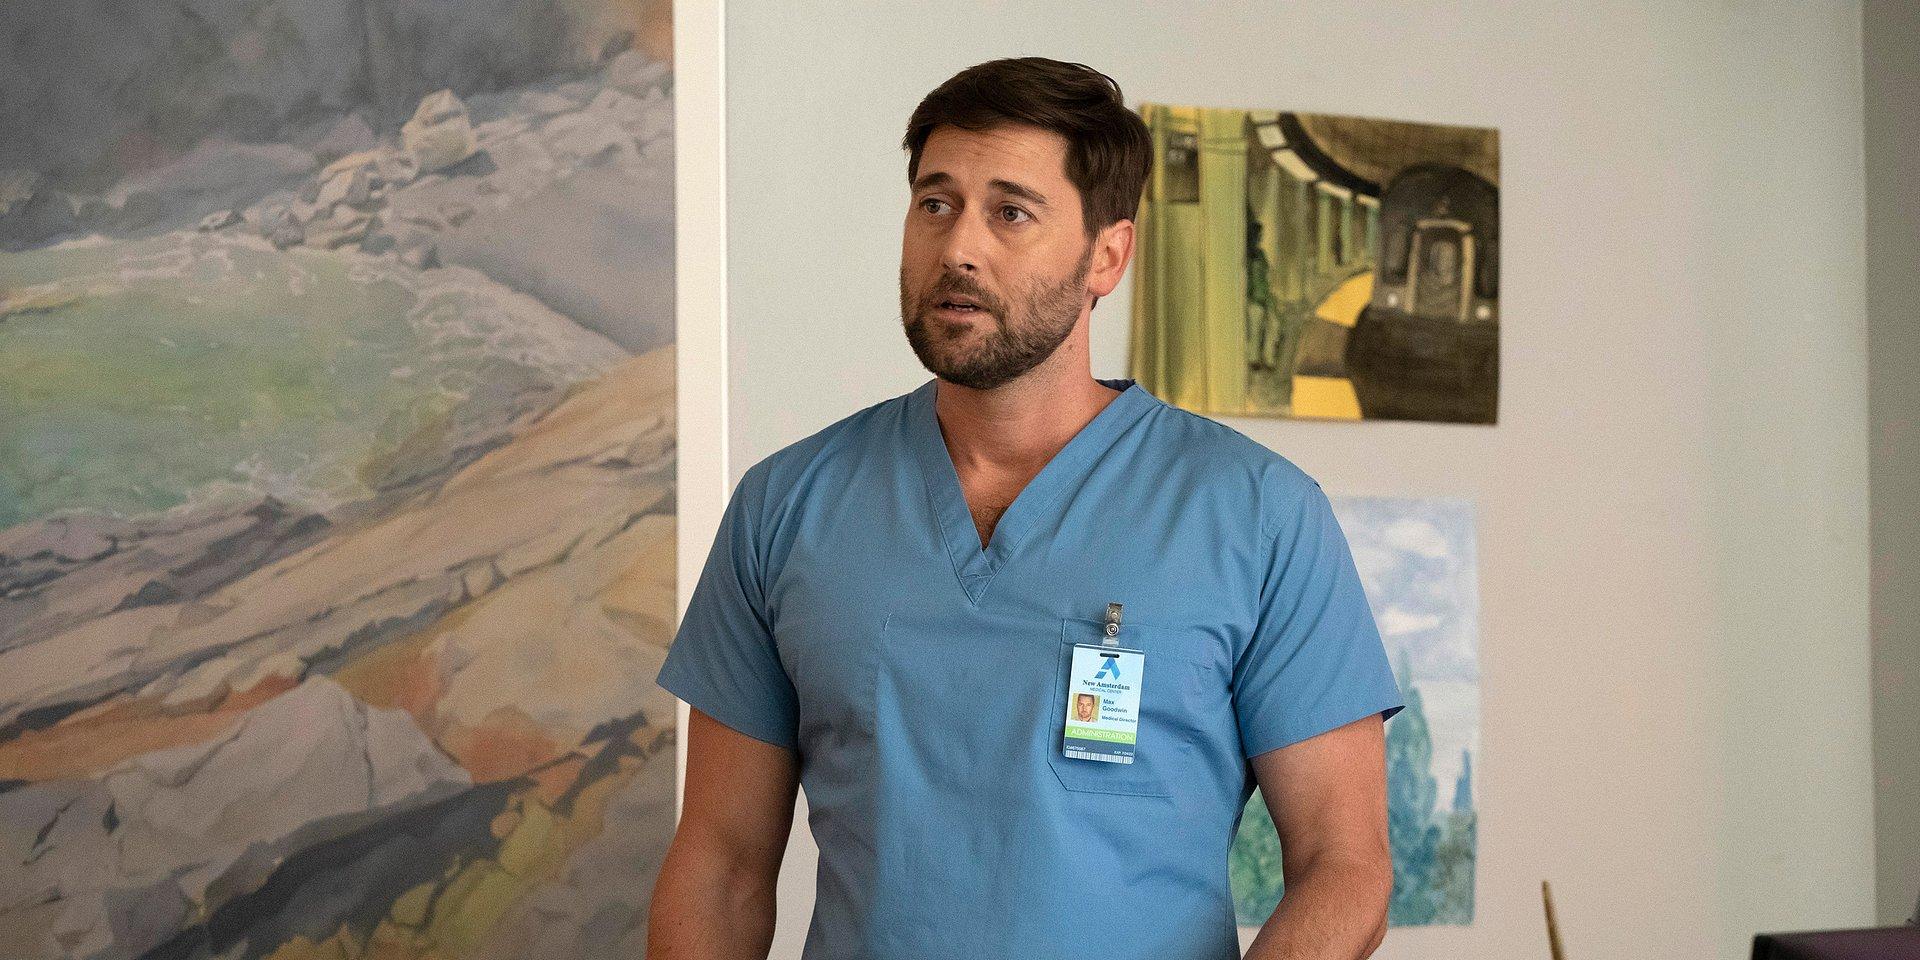 """Dalsze losy dr. Maksa Goodwina i lekarzy ze """"Szpitala New Amsterdam"""" już we wrześniu w FOX!"""